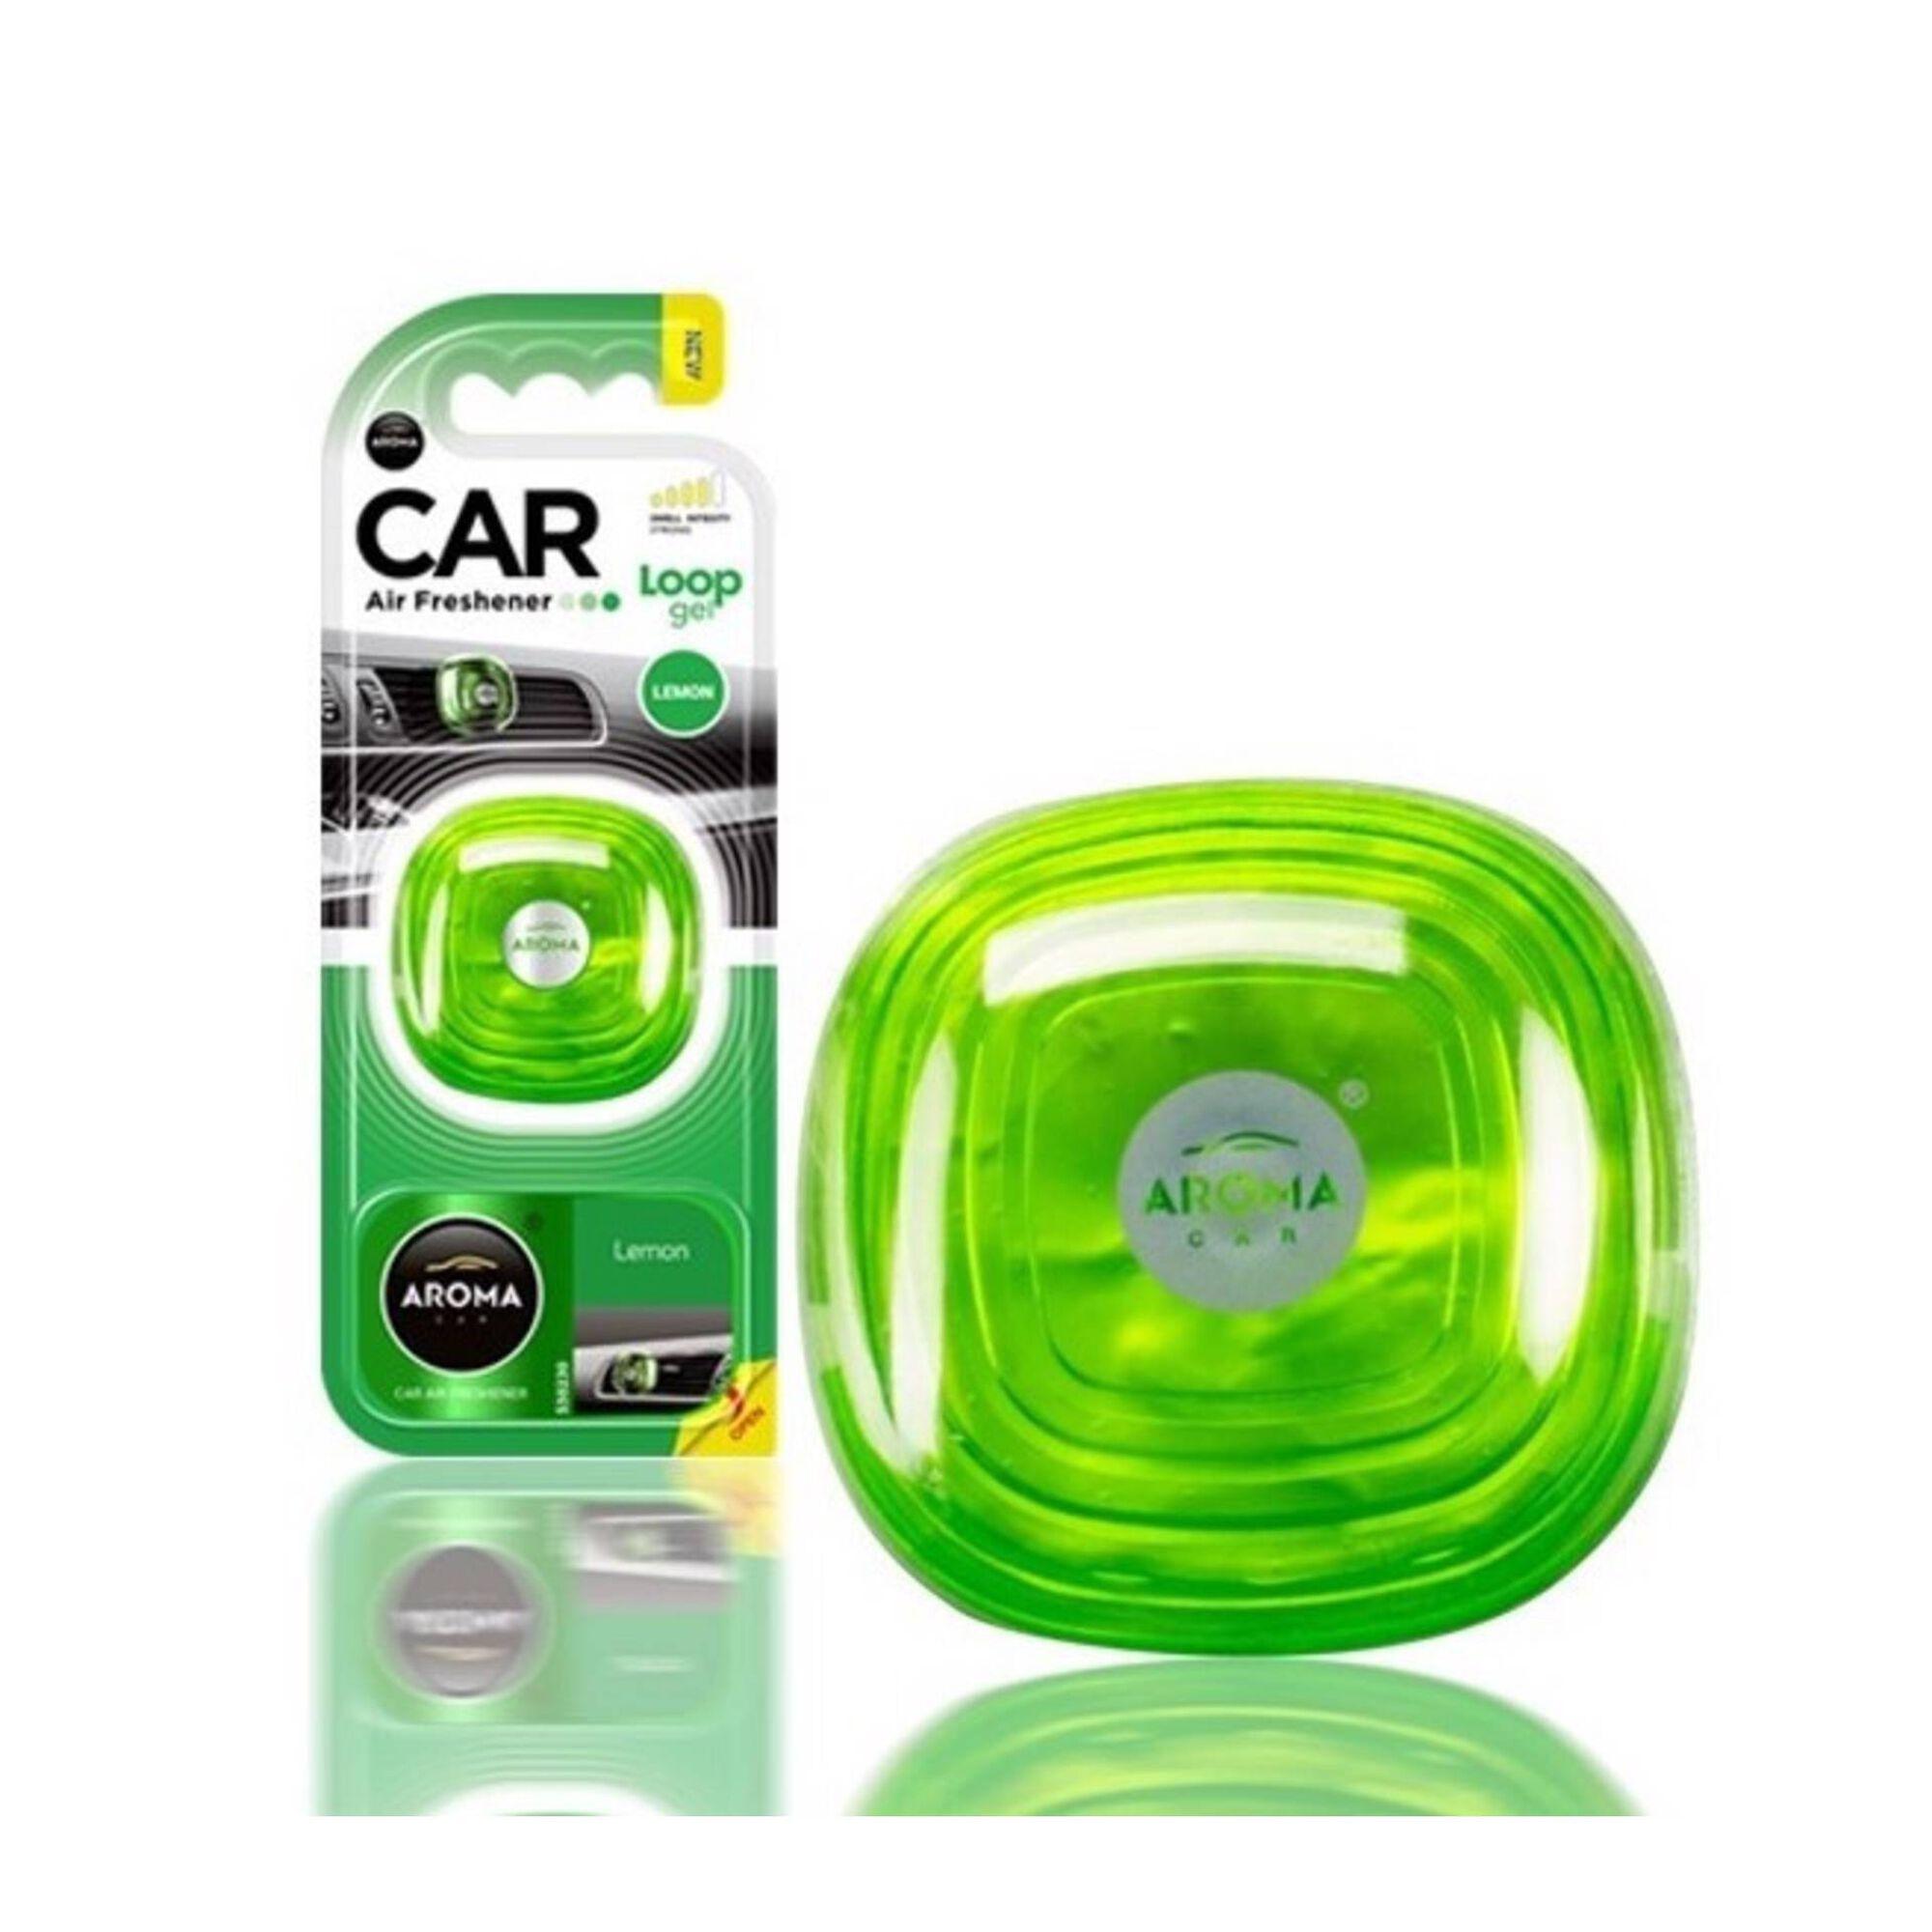 Ambientador Auto Ventilador Gel Limão